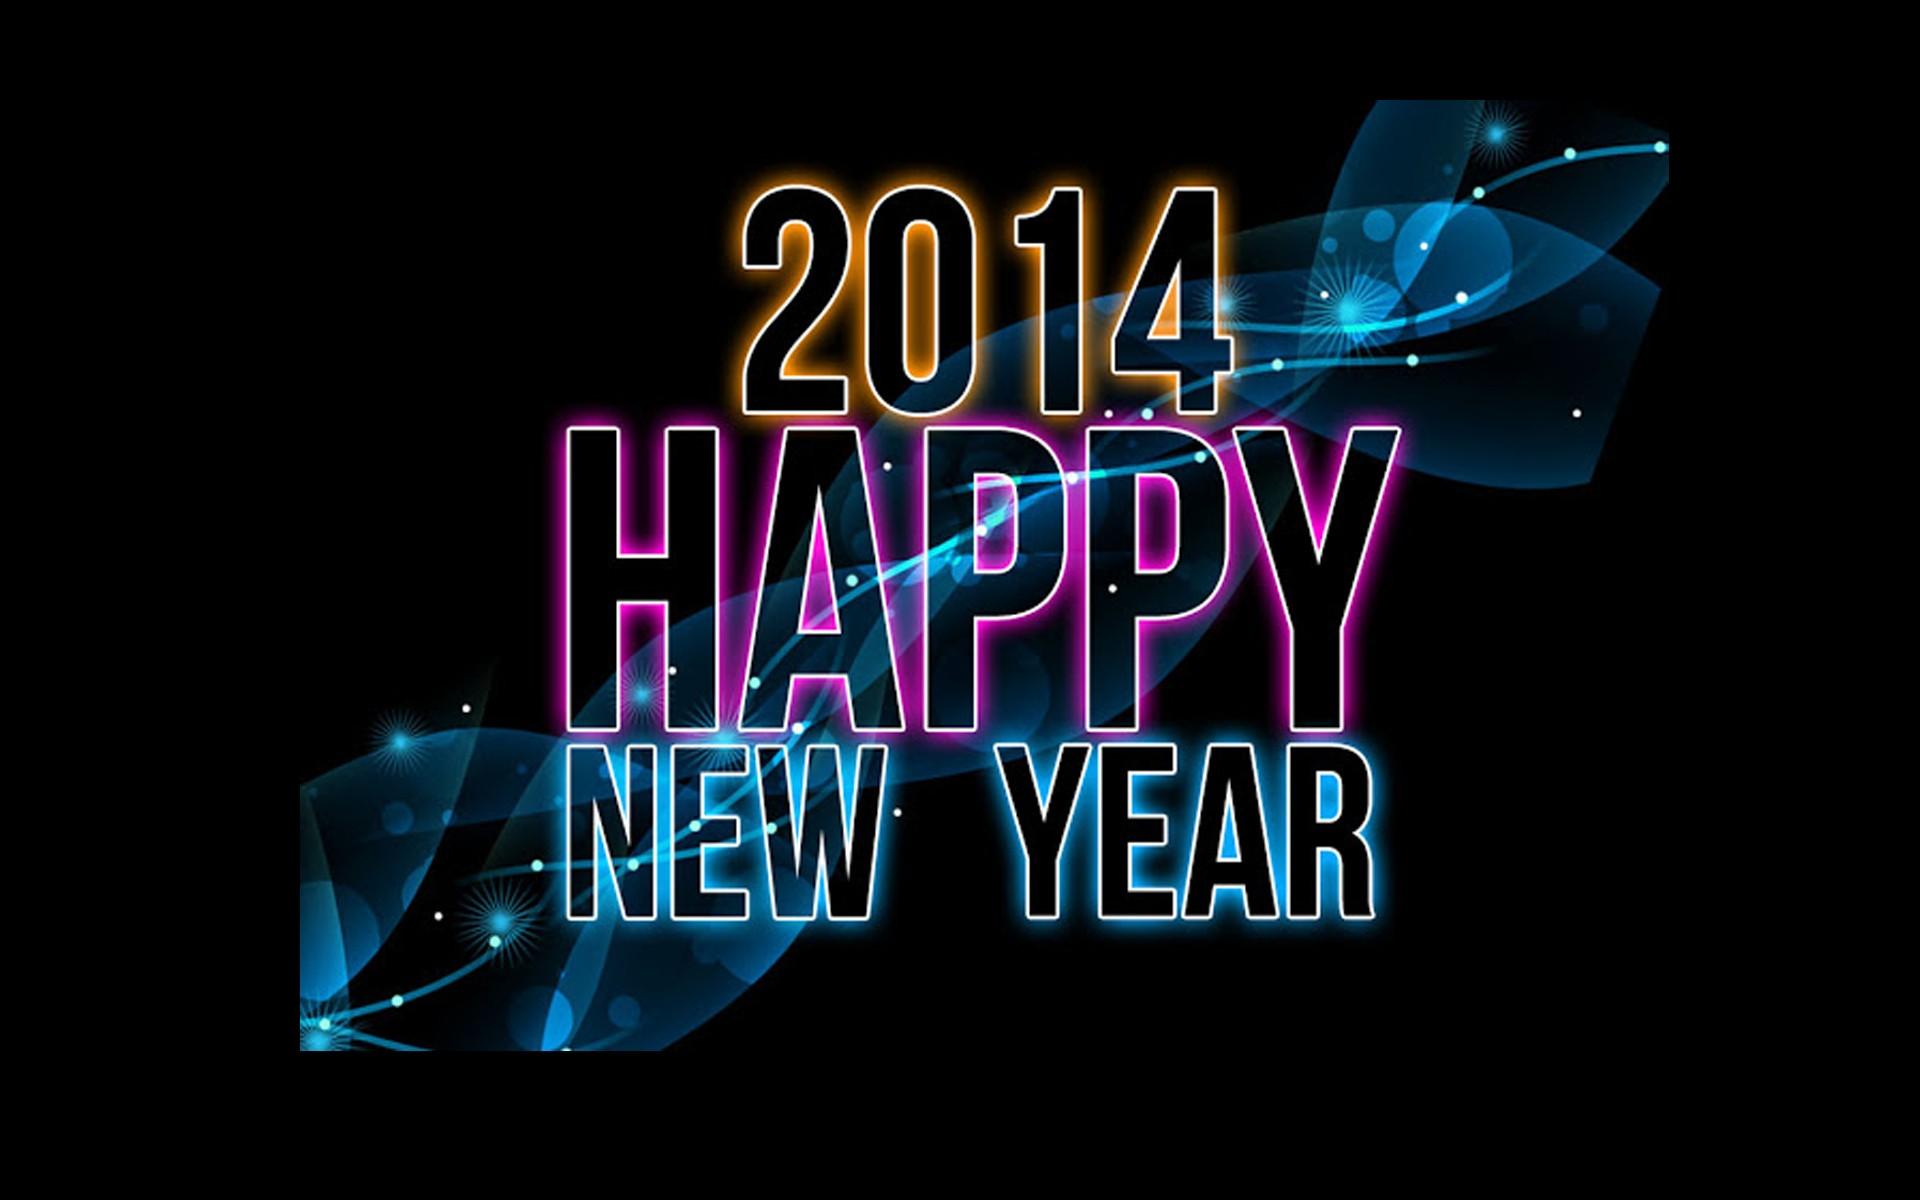 2014 Happy-13